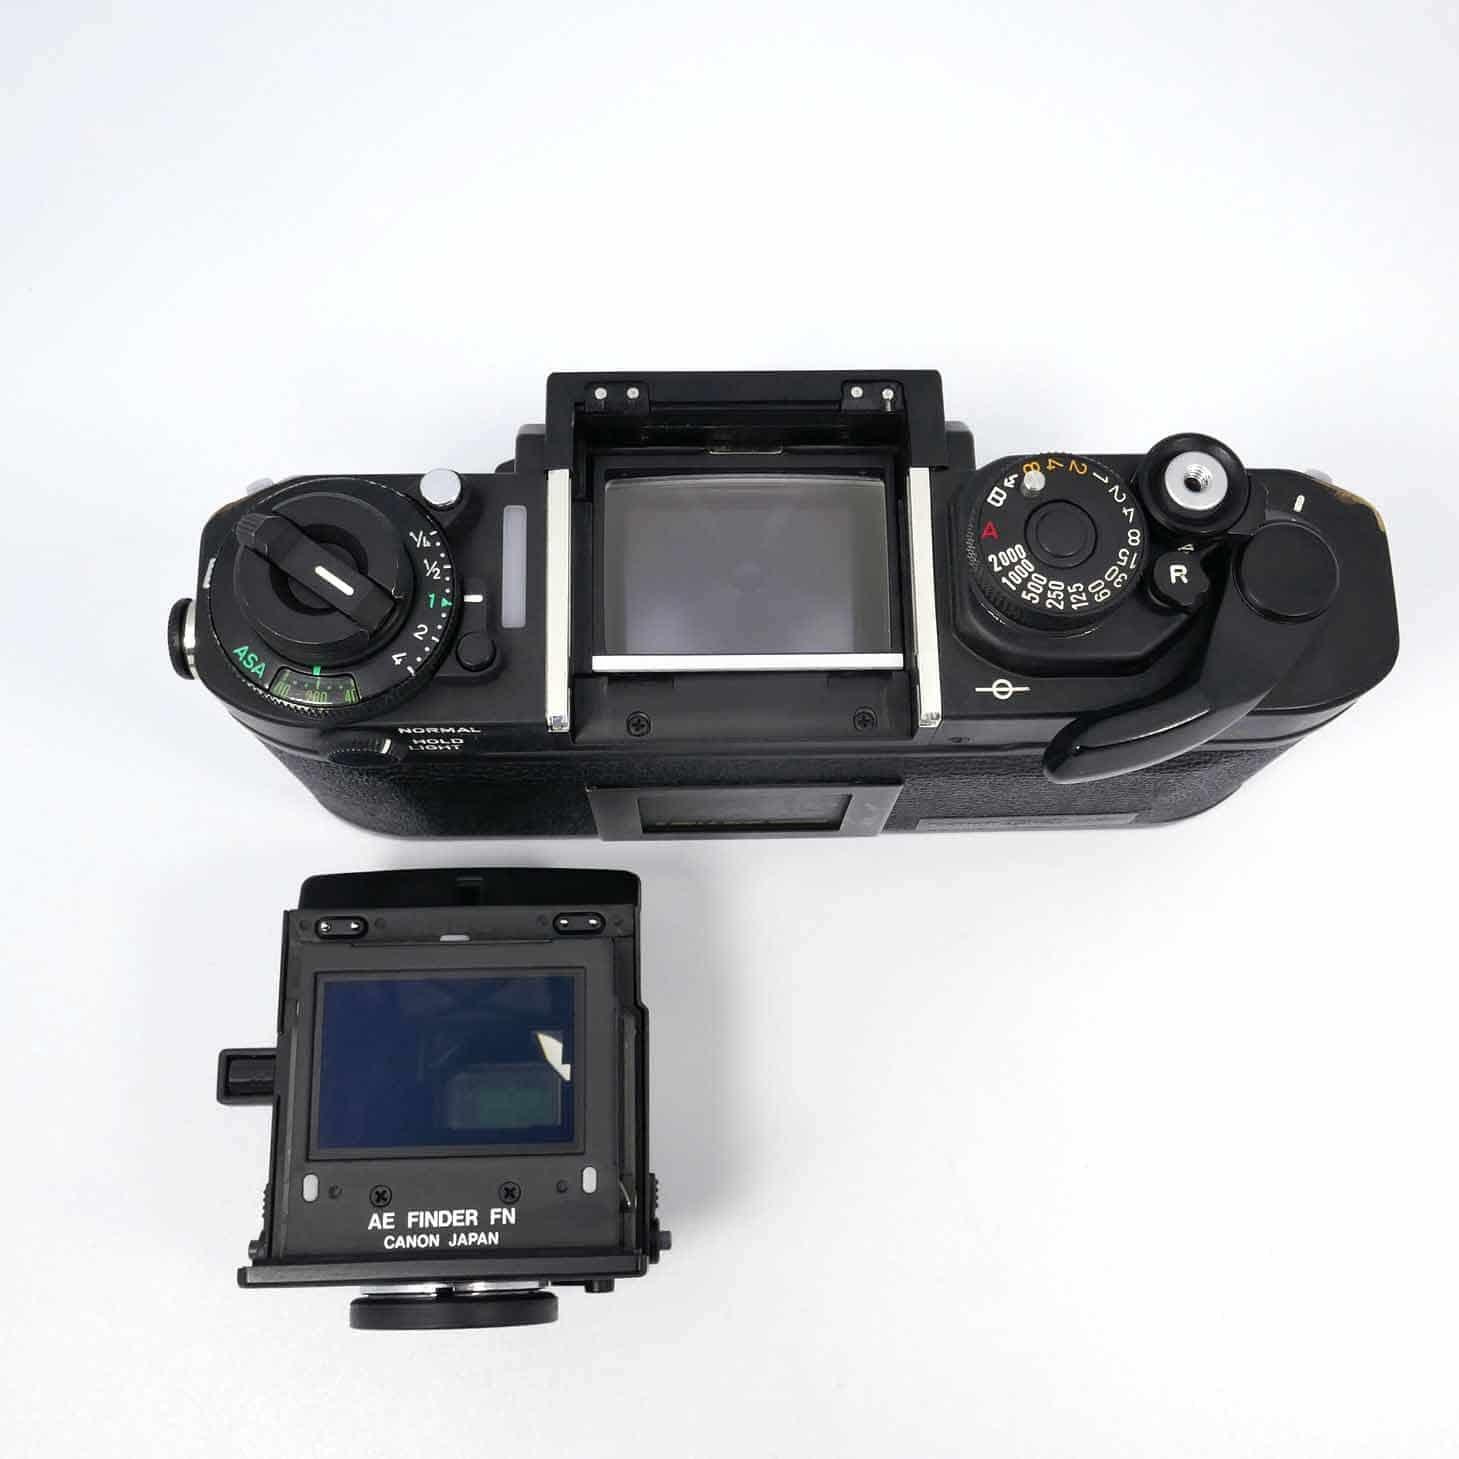 clean-cameras-Canon-F-1-Los-Angeles-03